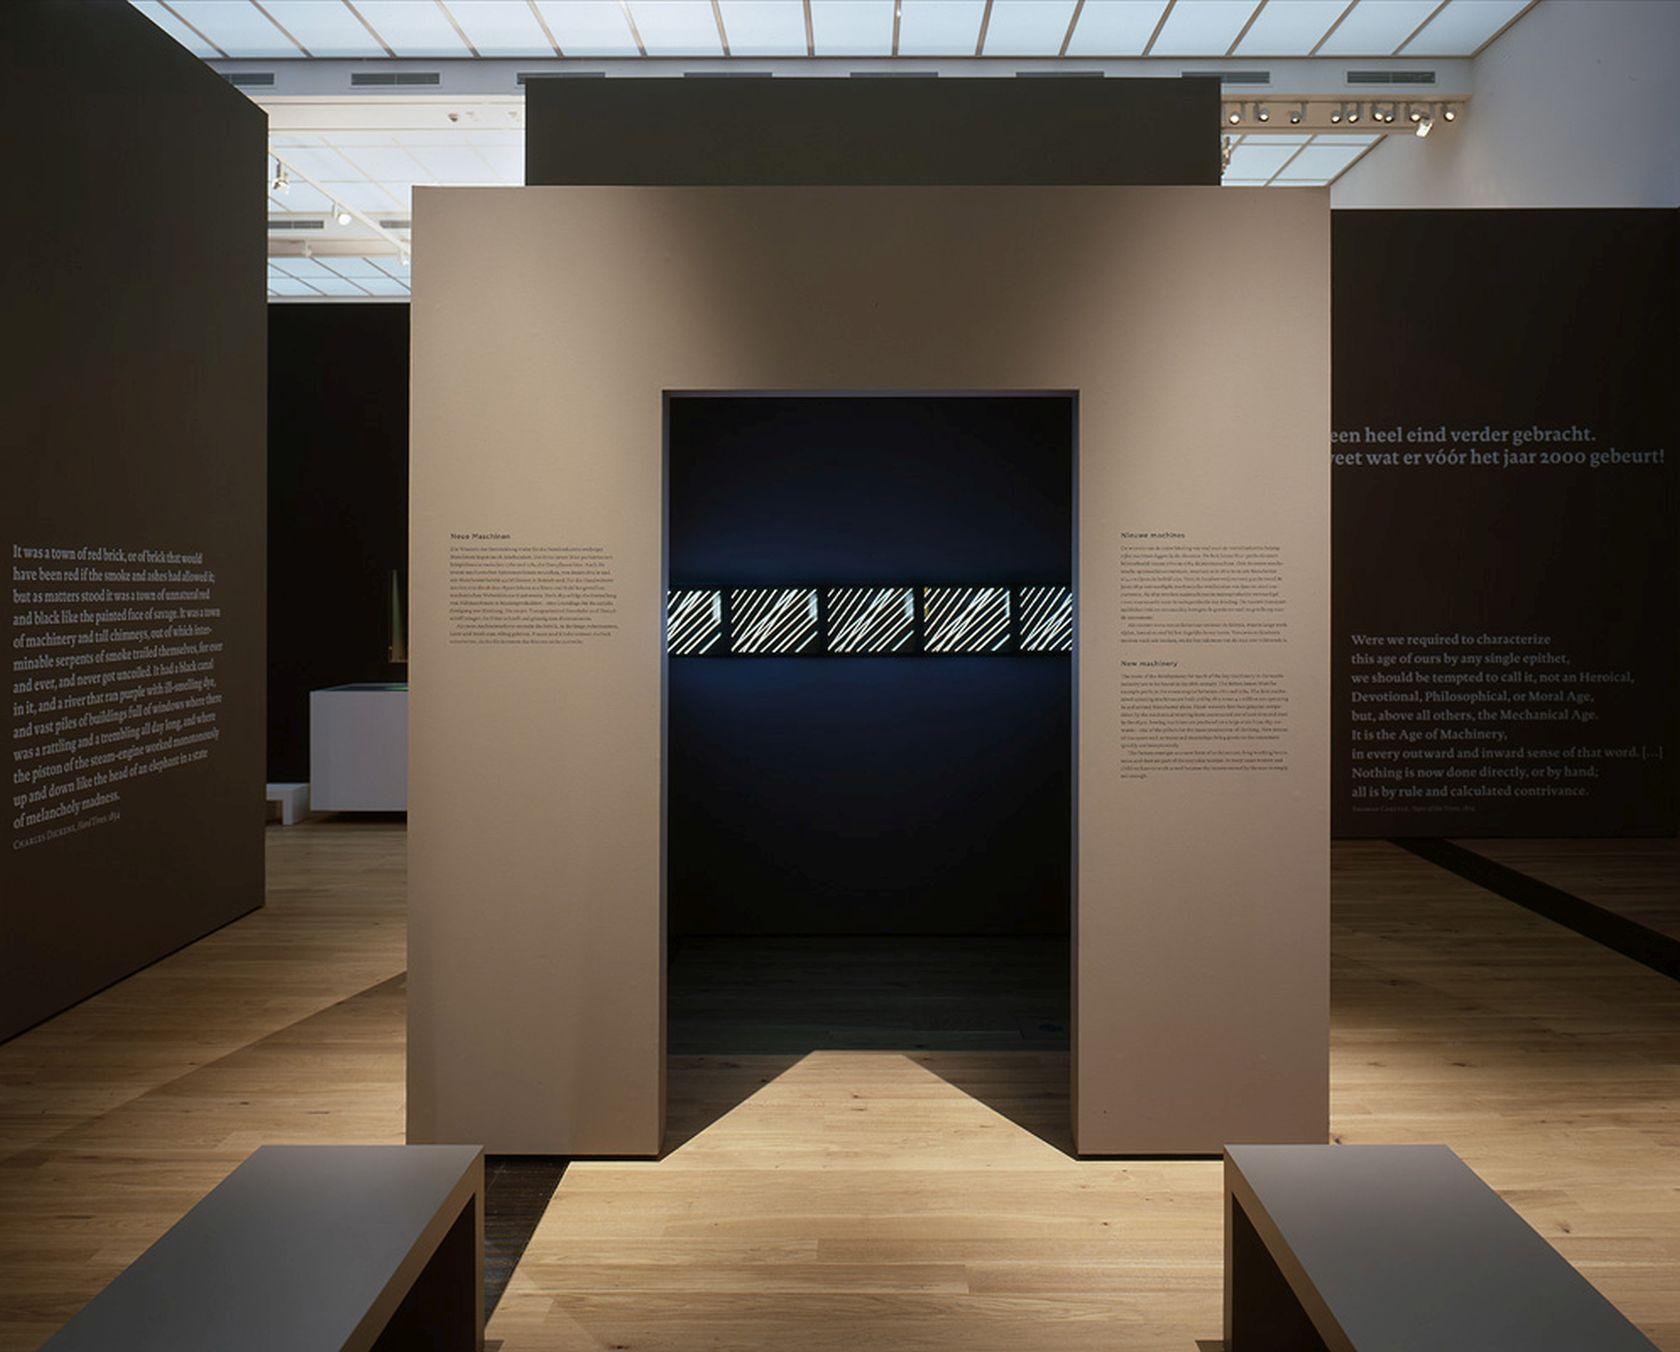 Ausstellung DRAI CLEMENS UND AUGUST-015